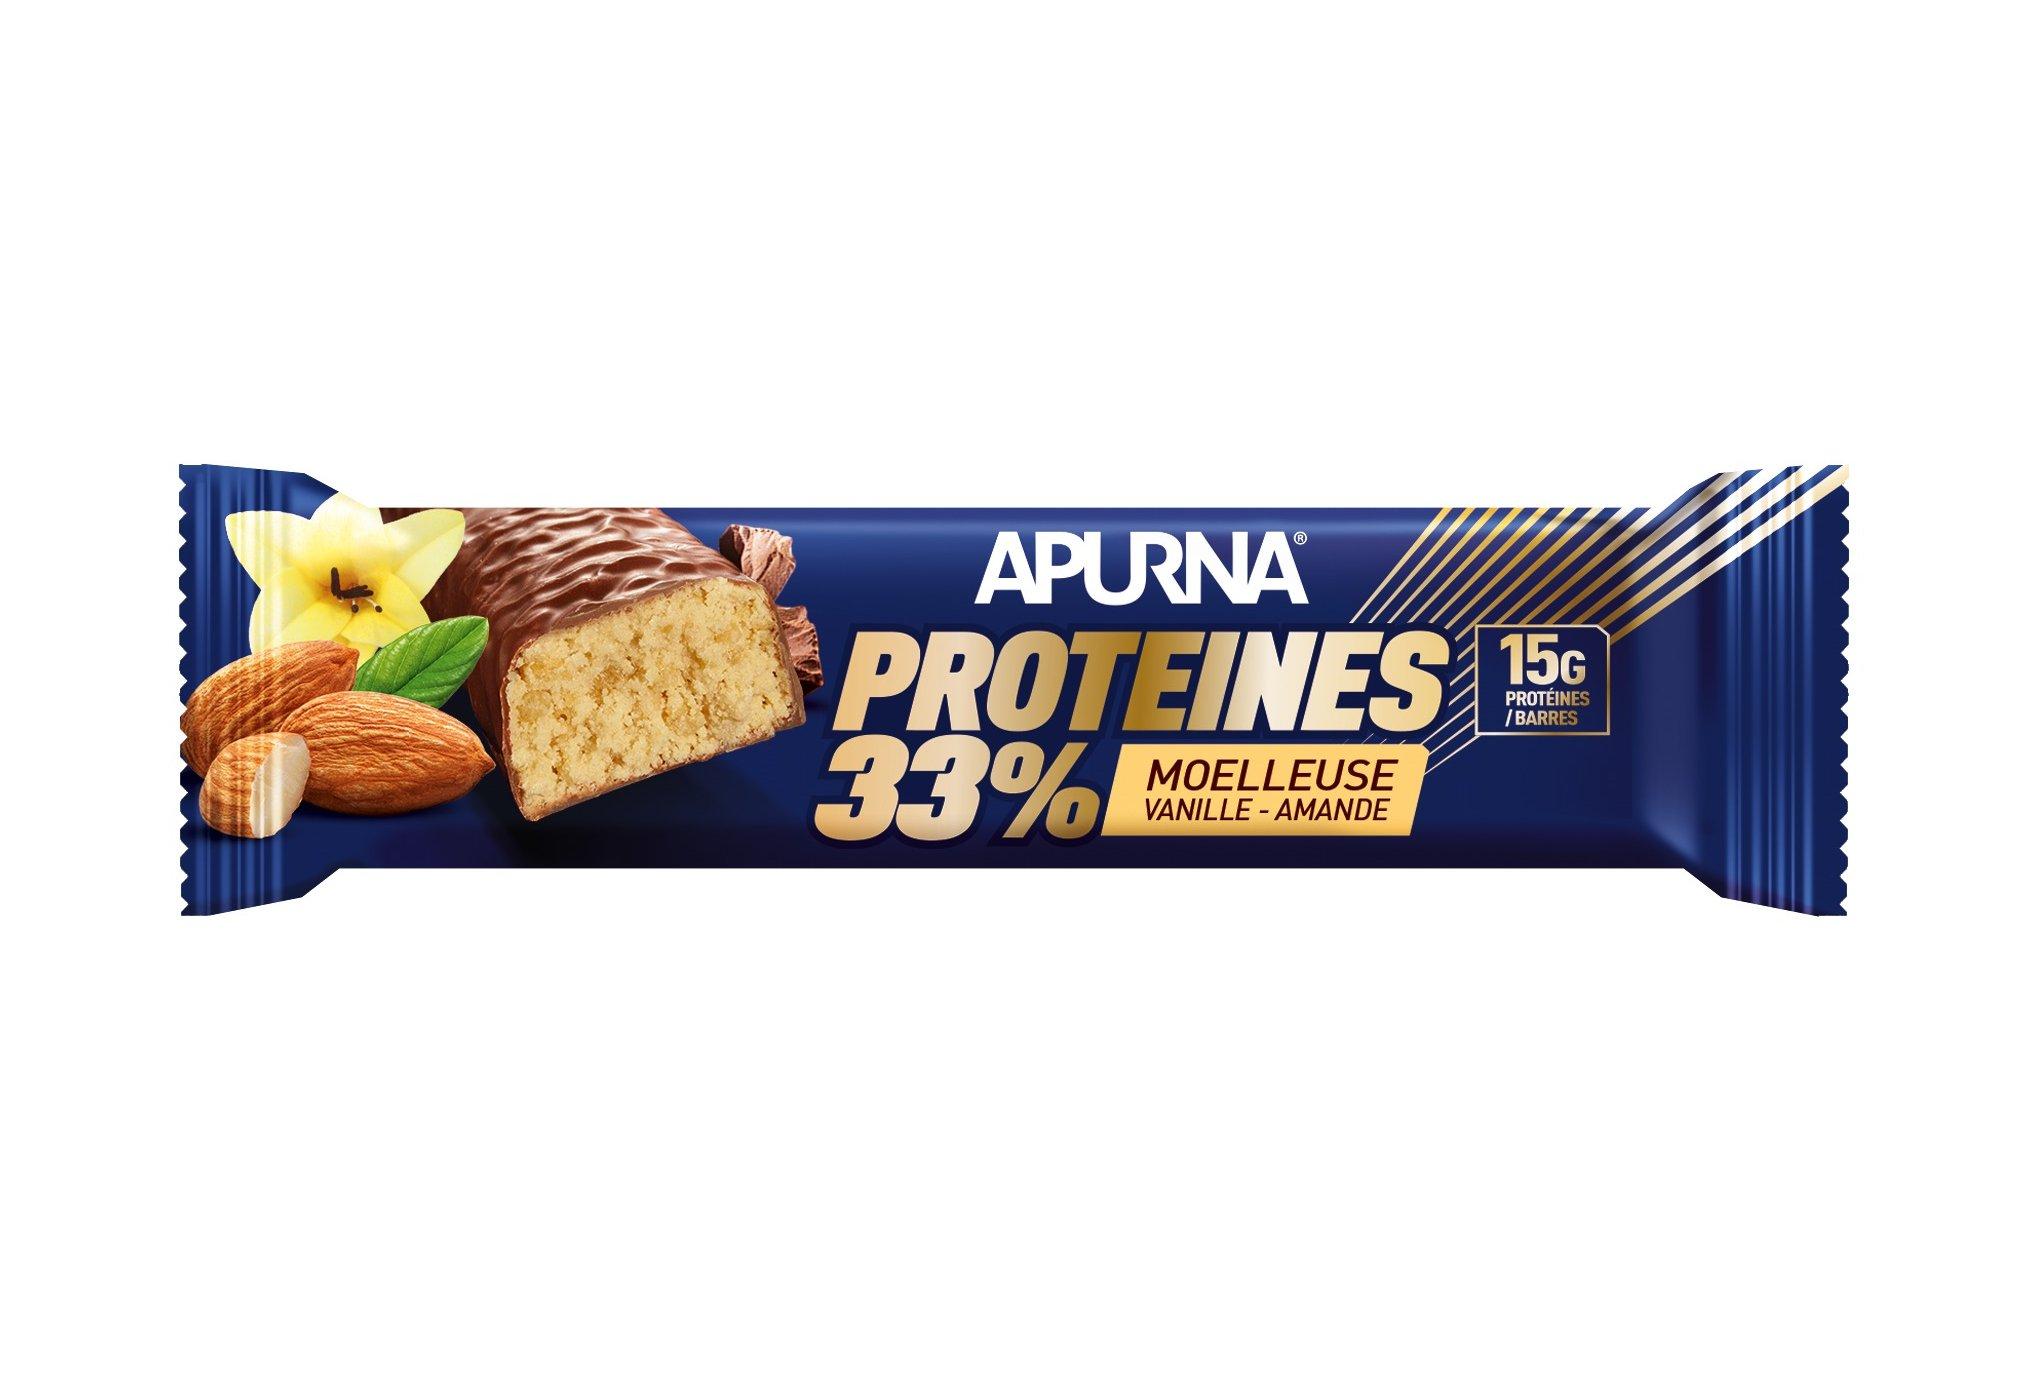 Apurna Barre Protéinée - Moelleuse Vanille Amande Diététique Protéines / récupération